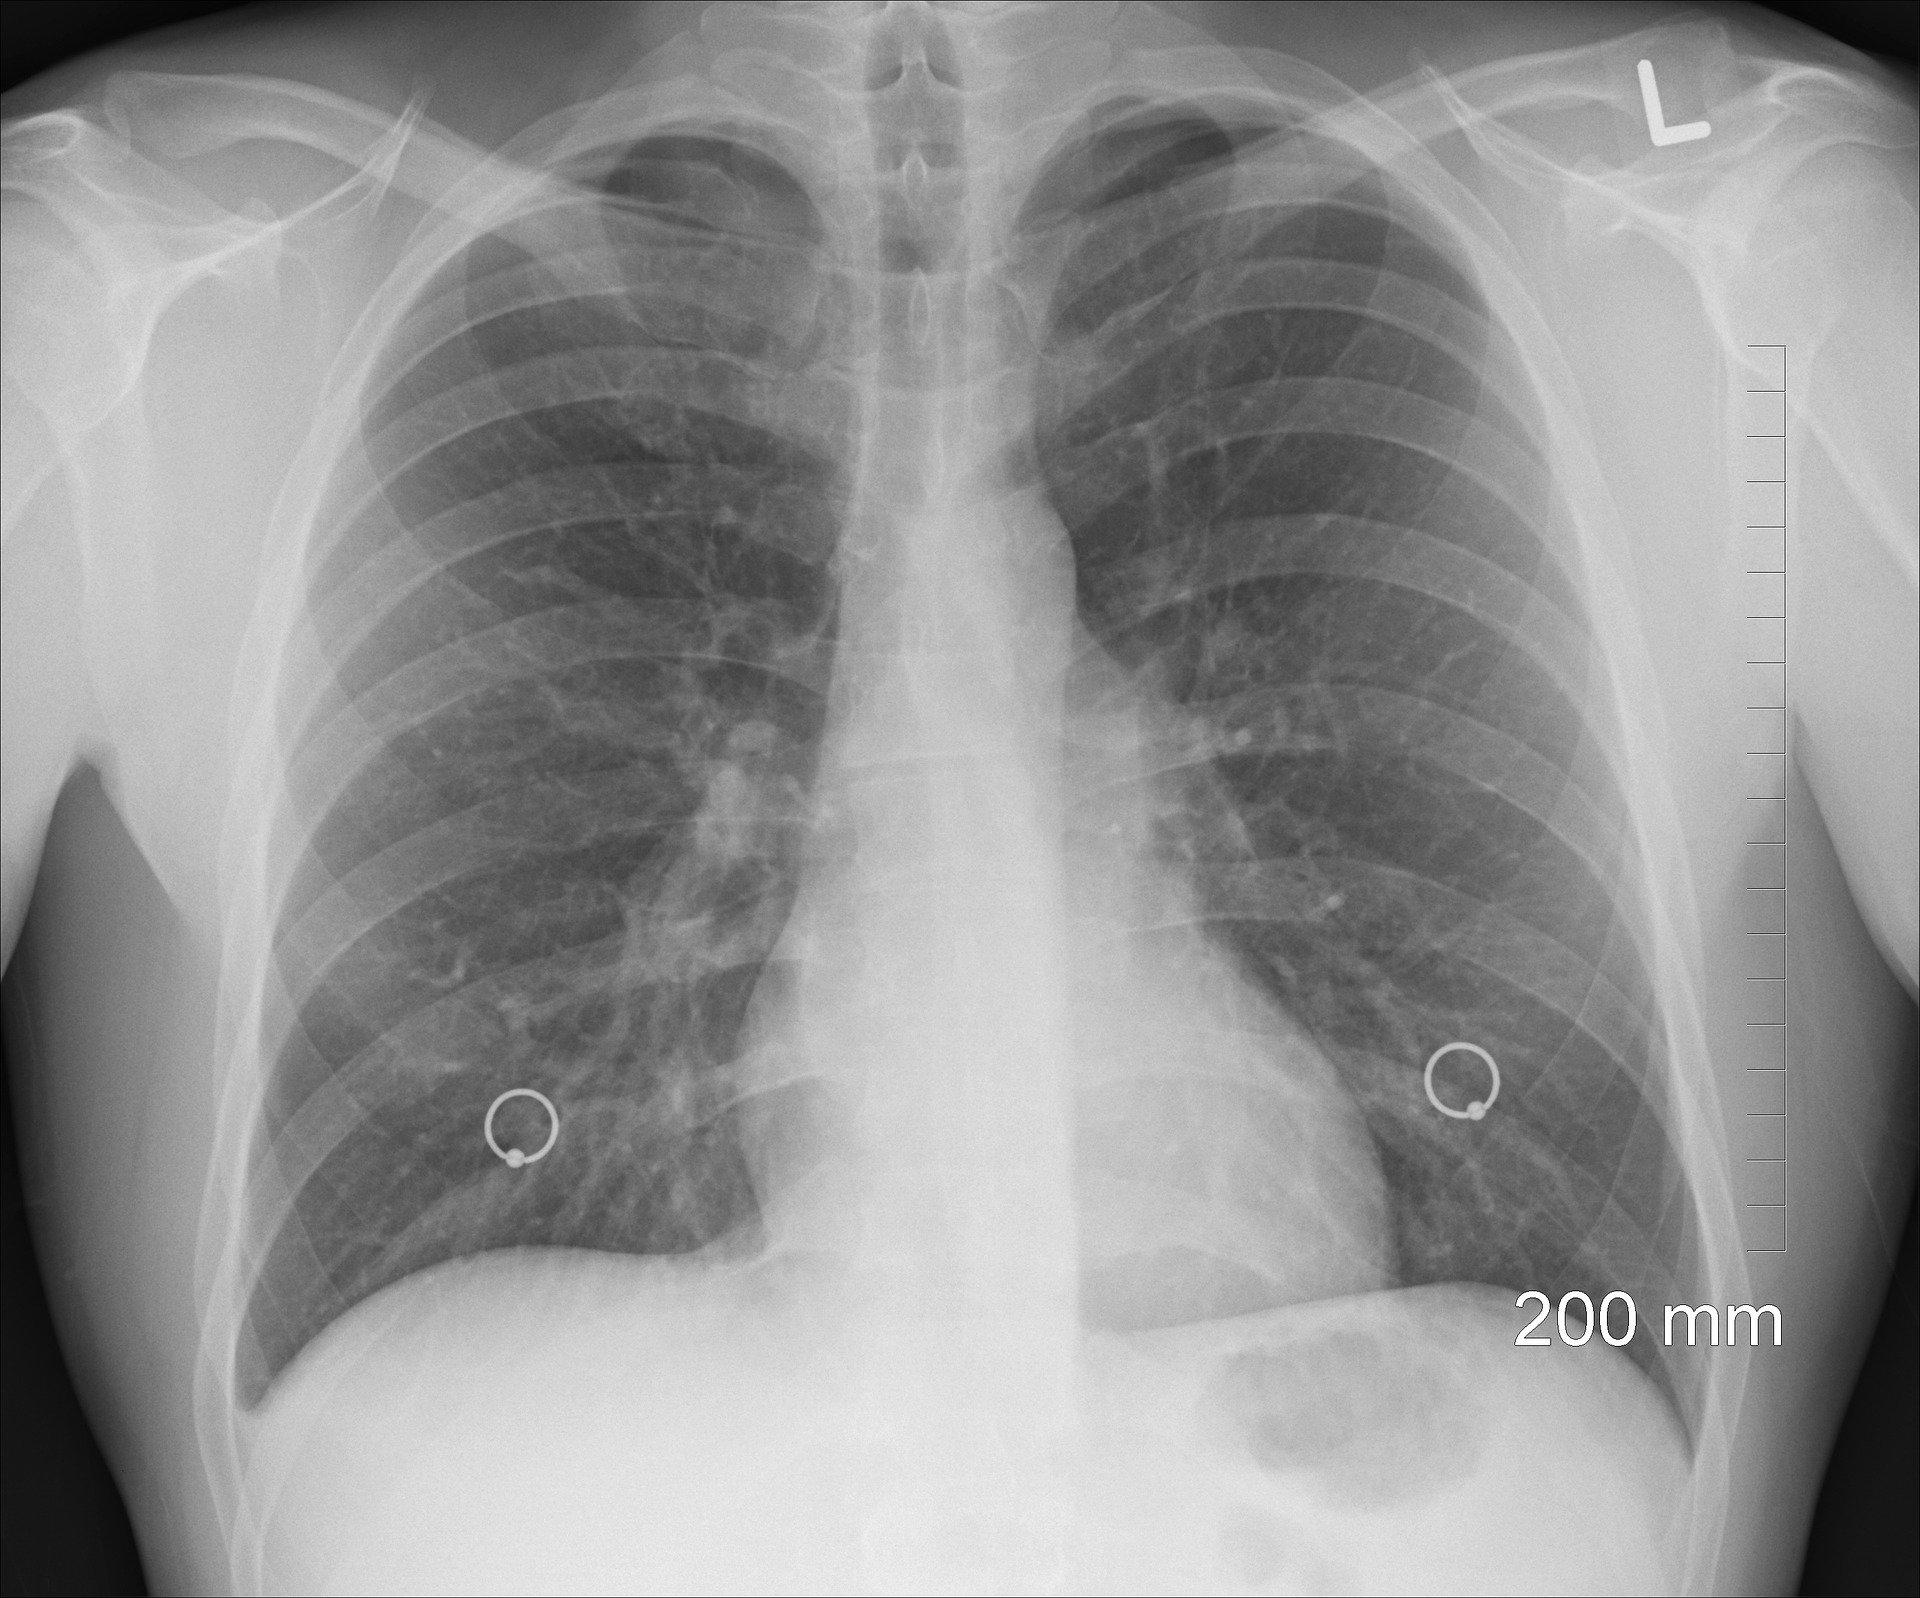 Bezpłatne badania i konsultacje lekarskie dla osób z astmą ciężką na Podkarpaciu - Zdjęcie główne